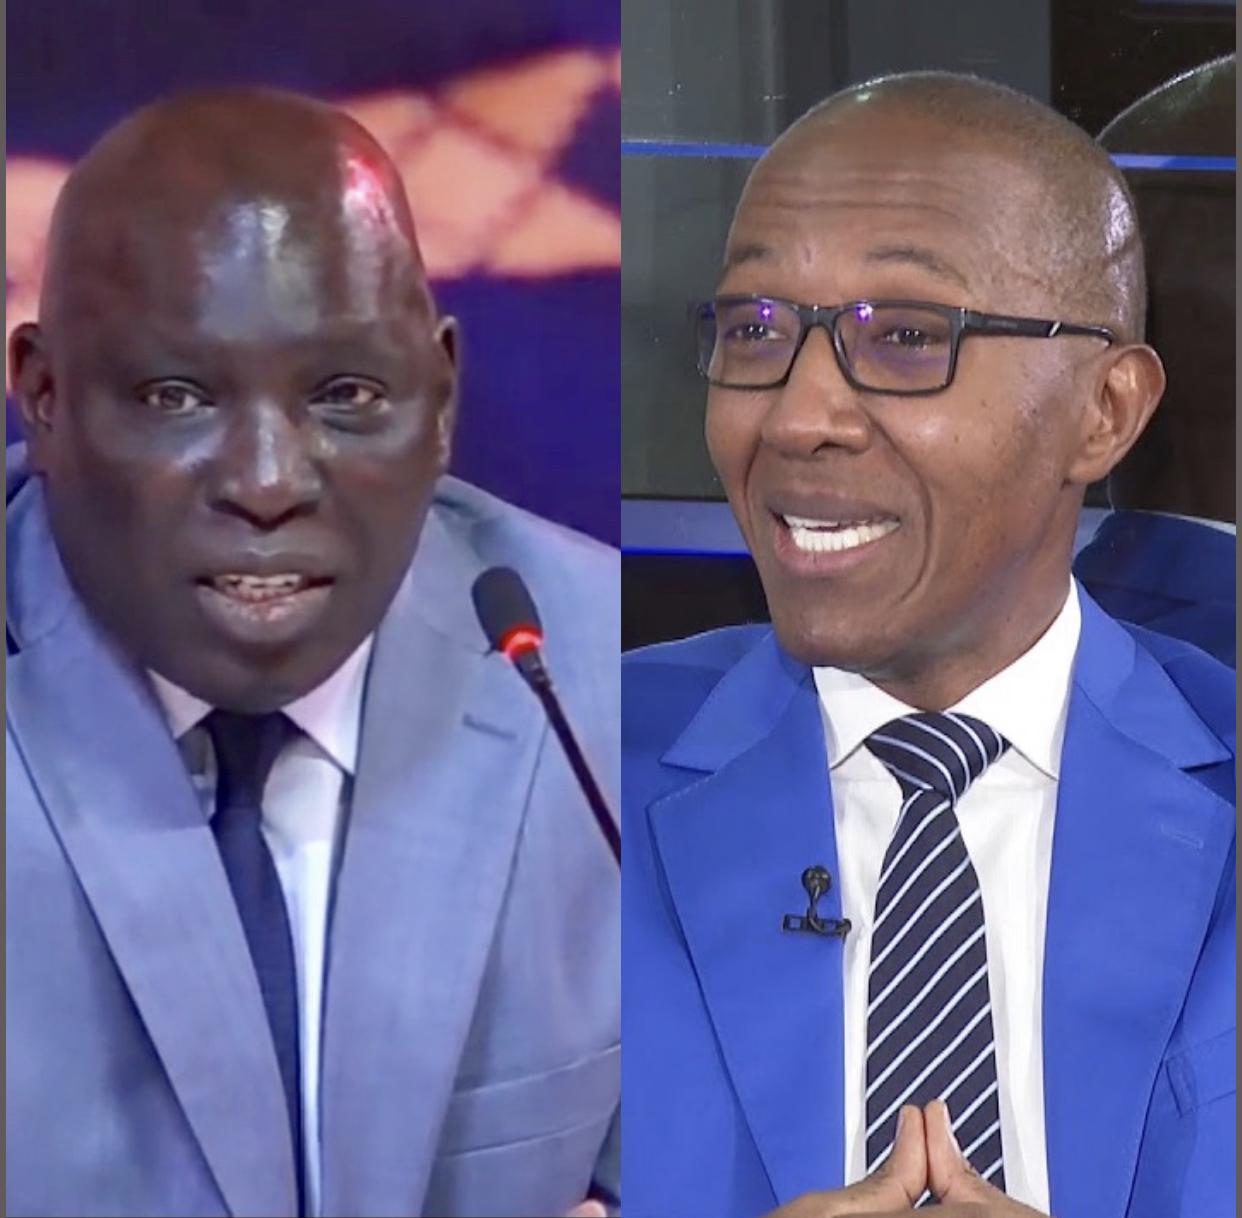 Procès Madiambal Diagne / Abdoul Mbaye : Le verdict attendu le 12 décembre prochain, l'ancien PM réclame 100 millions